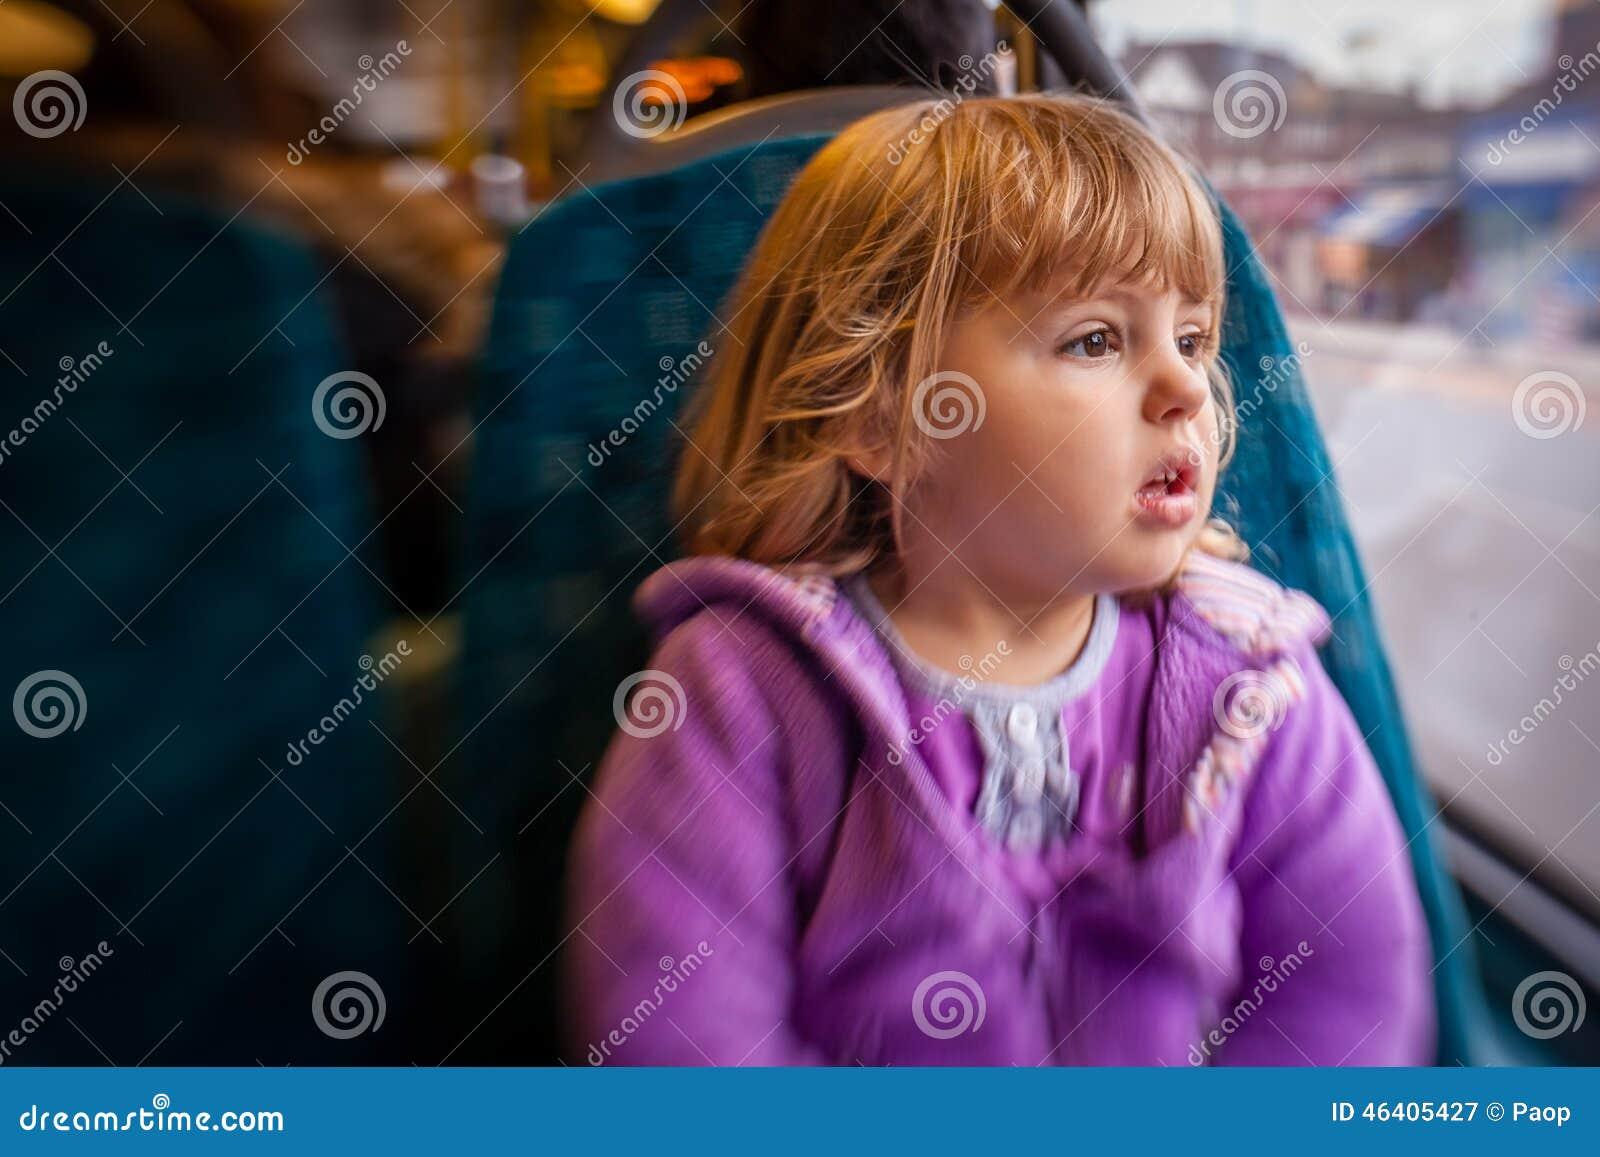 Mädchen in einem Bus gefingert